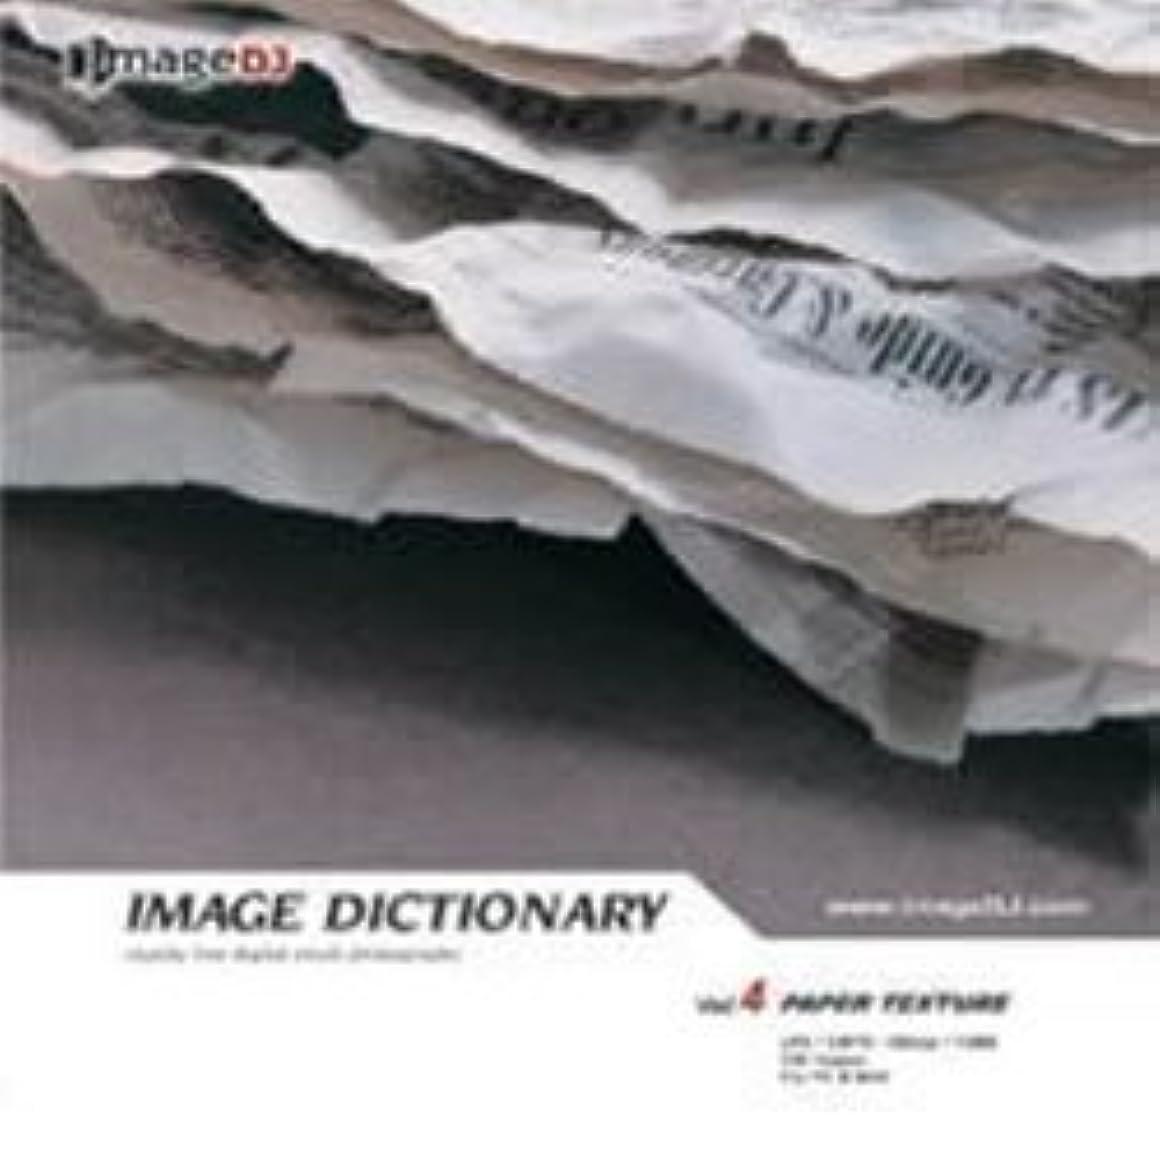 ミシン目支援する特定のイメージ ディクショナリー Vol.4 紙